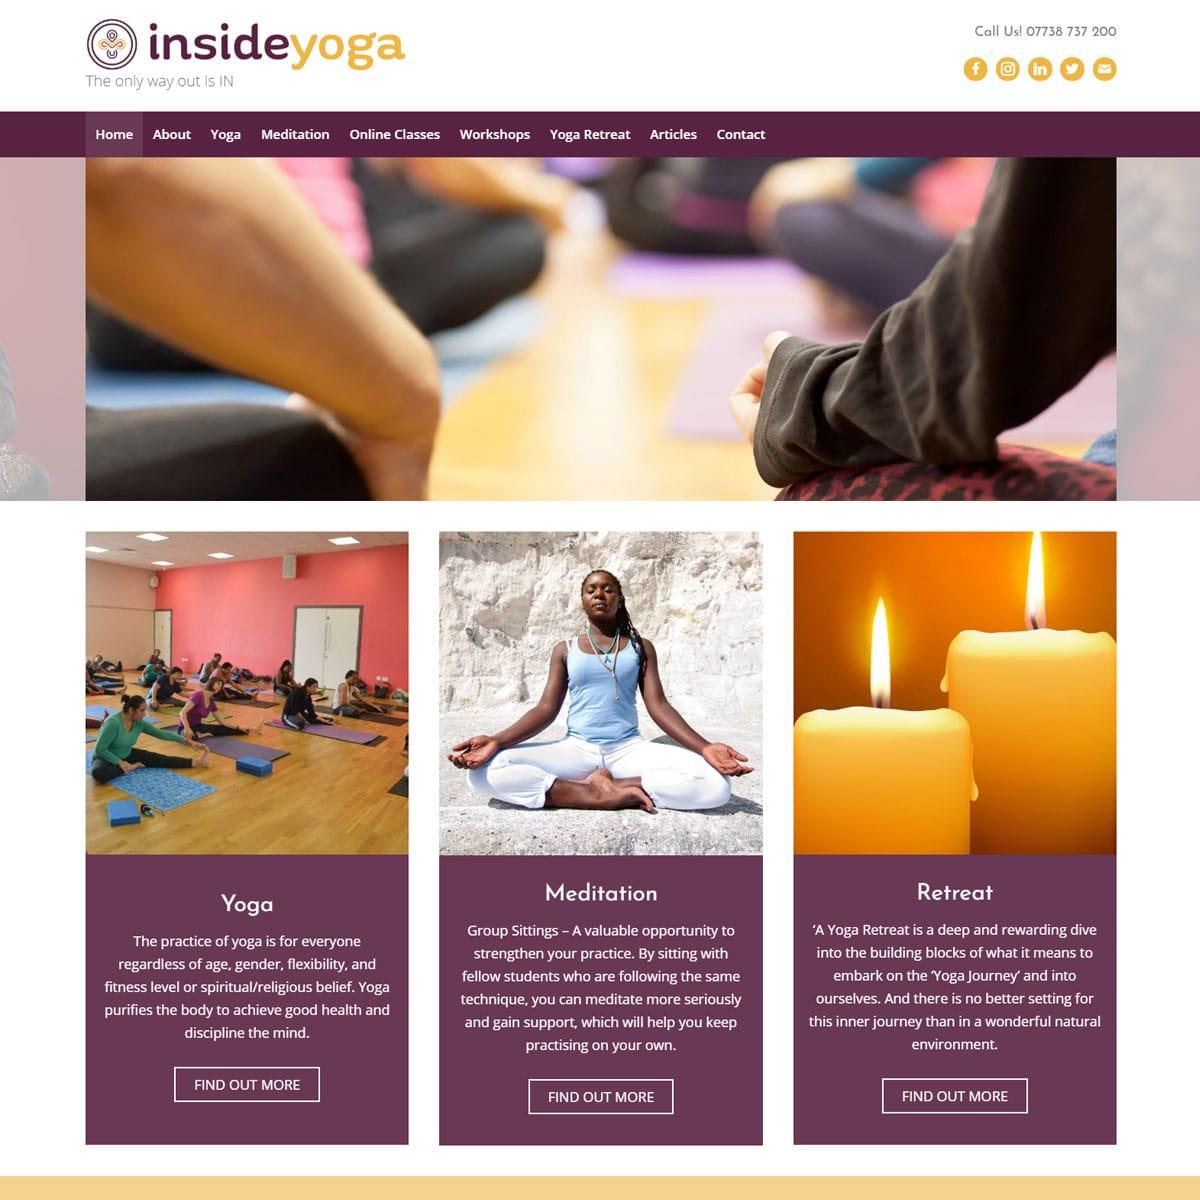 inside-yoga